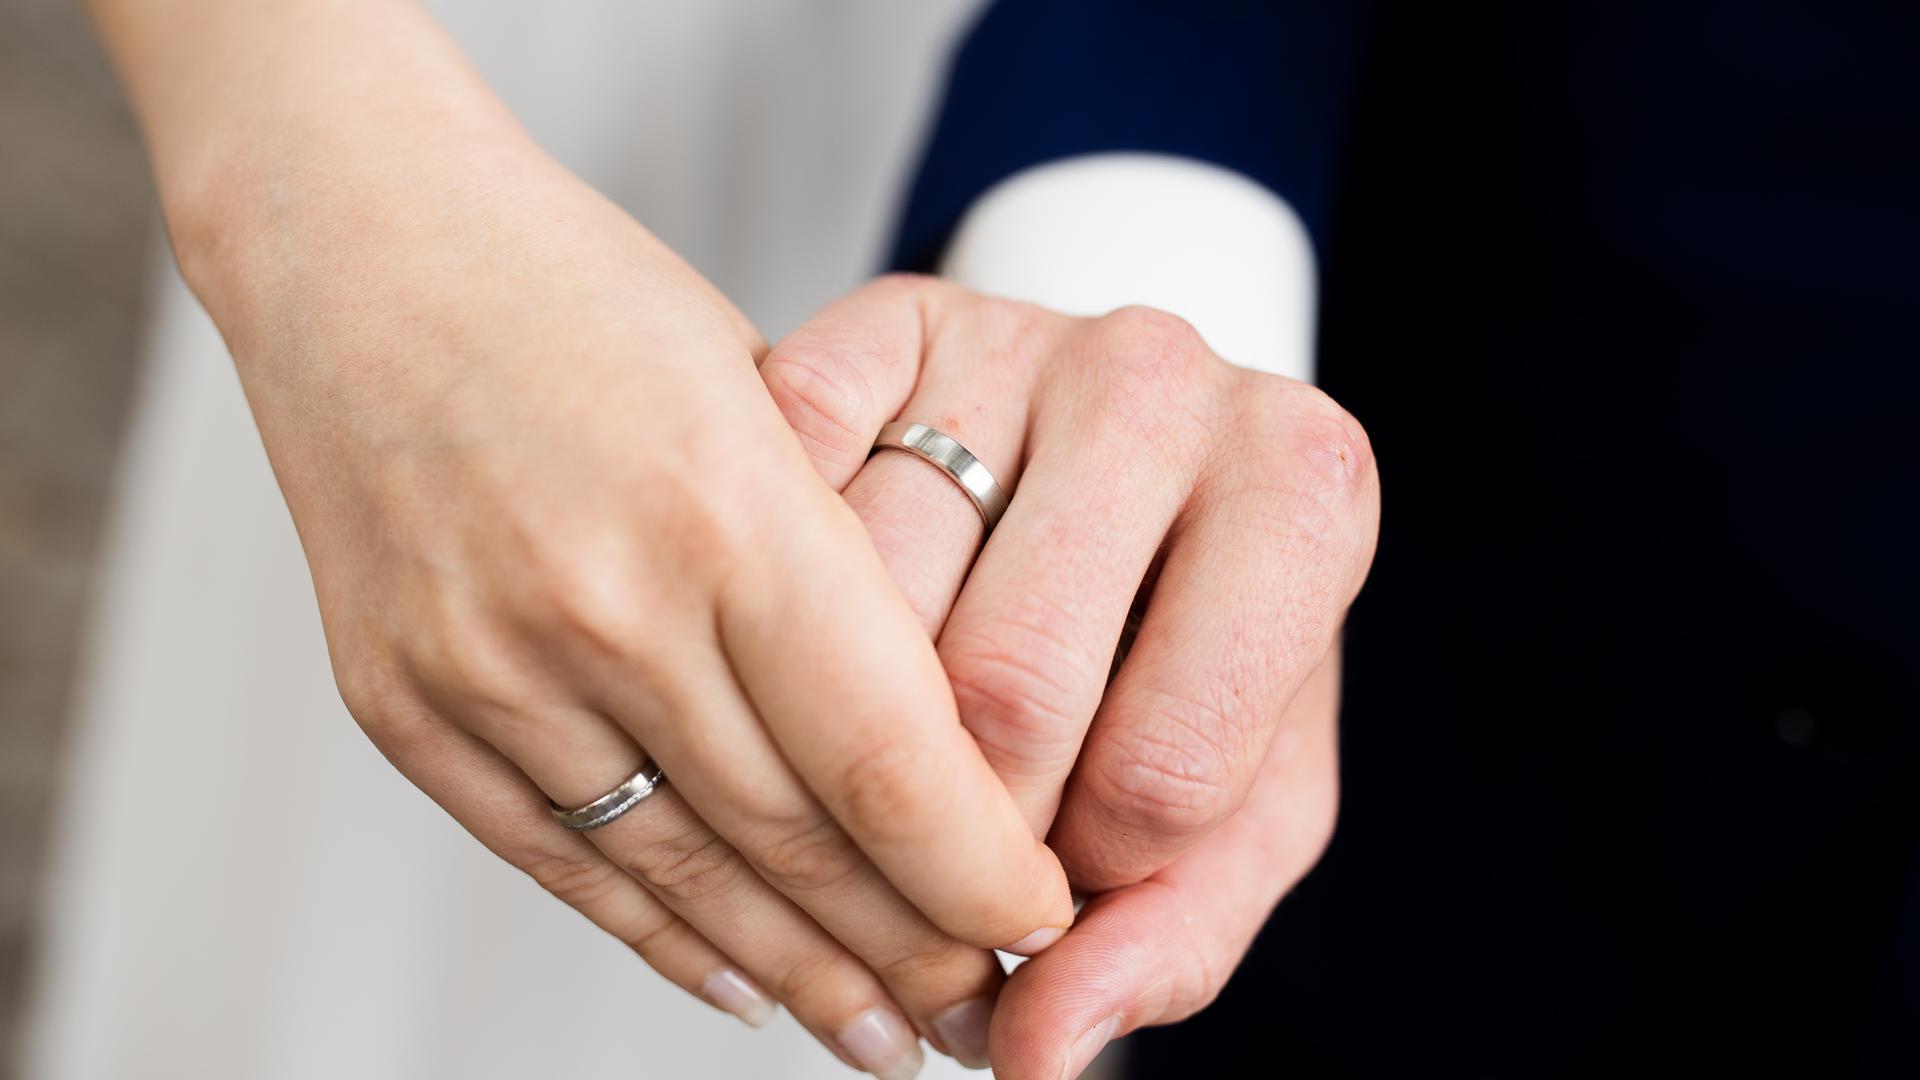 Ein Brautpaar reicht sich die Hände.